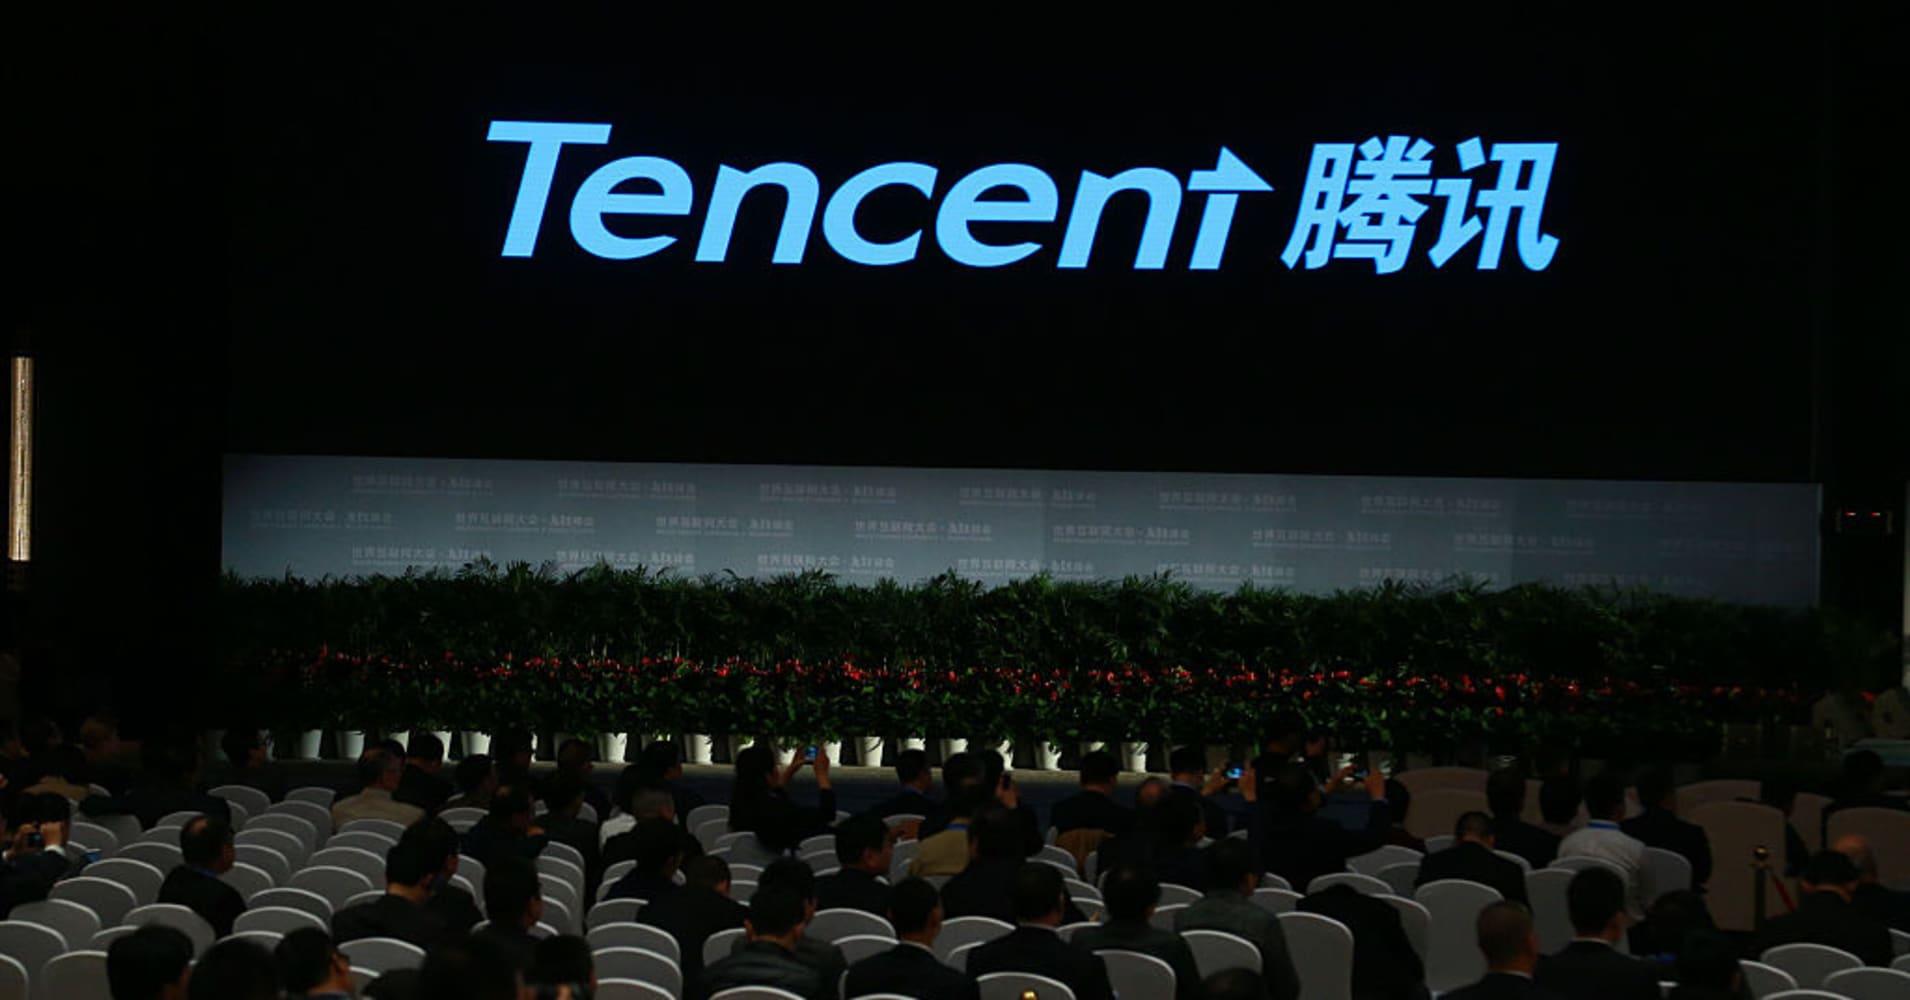 Tencent Q2 profit 2018